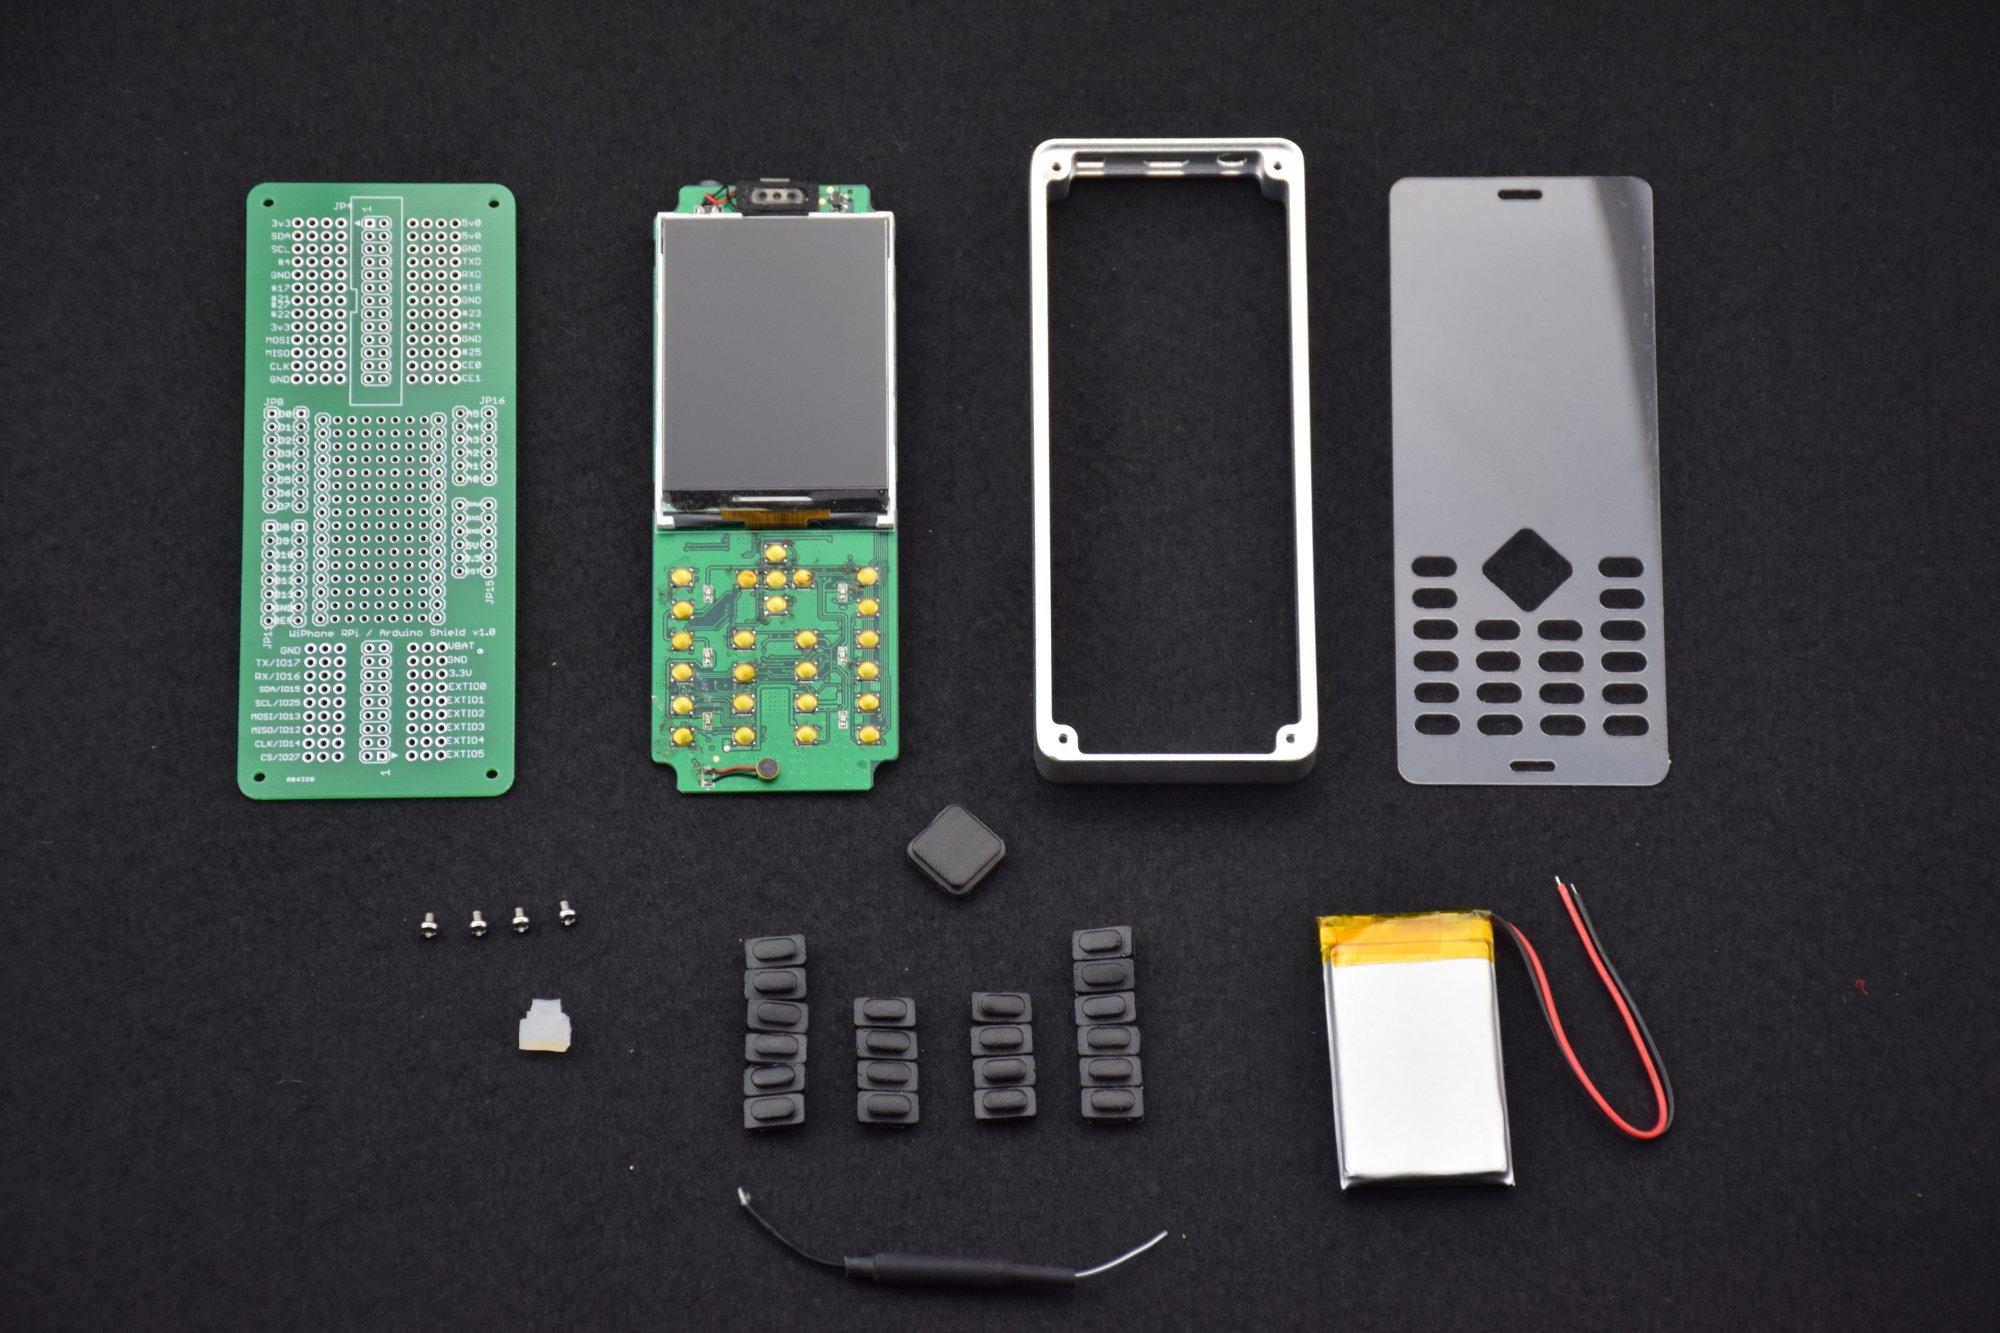 Das (vorläufige) ESP32-WiPhone in seinen Einzelteilen. Der Hersteller hat das Zerlegen und Modifizieren bewusst sehr einfach gestaltet.